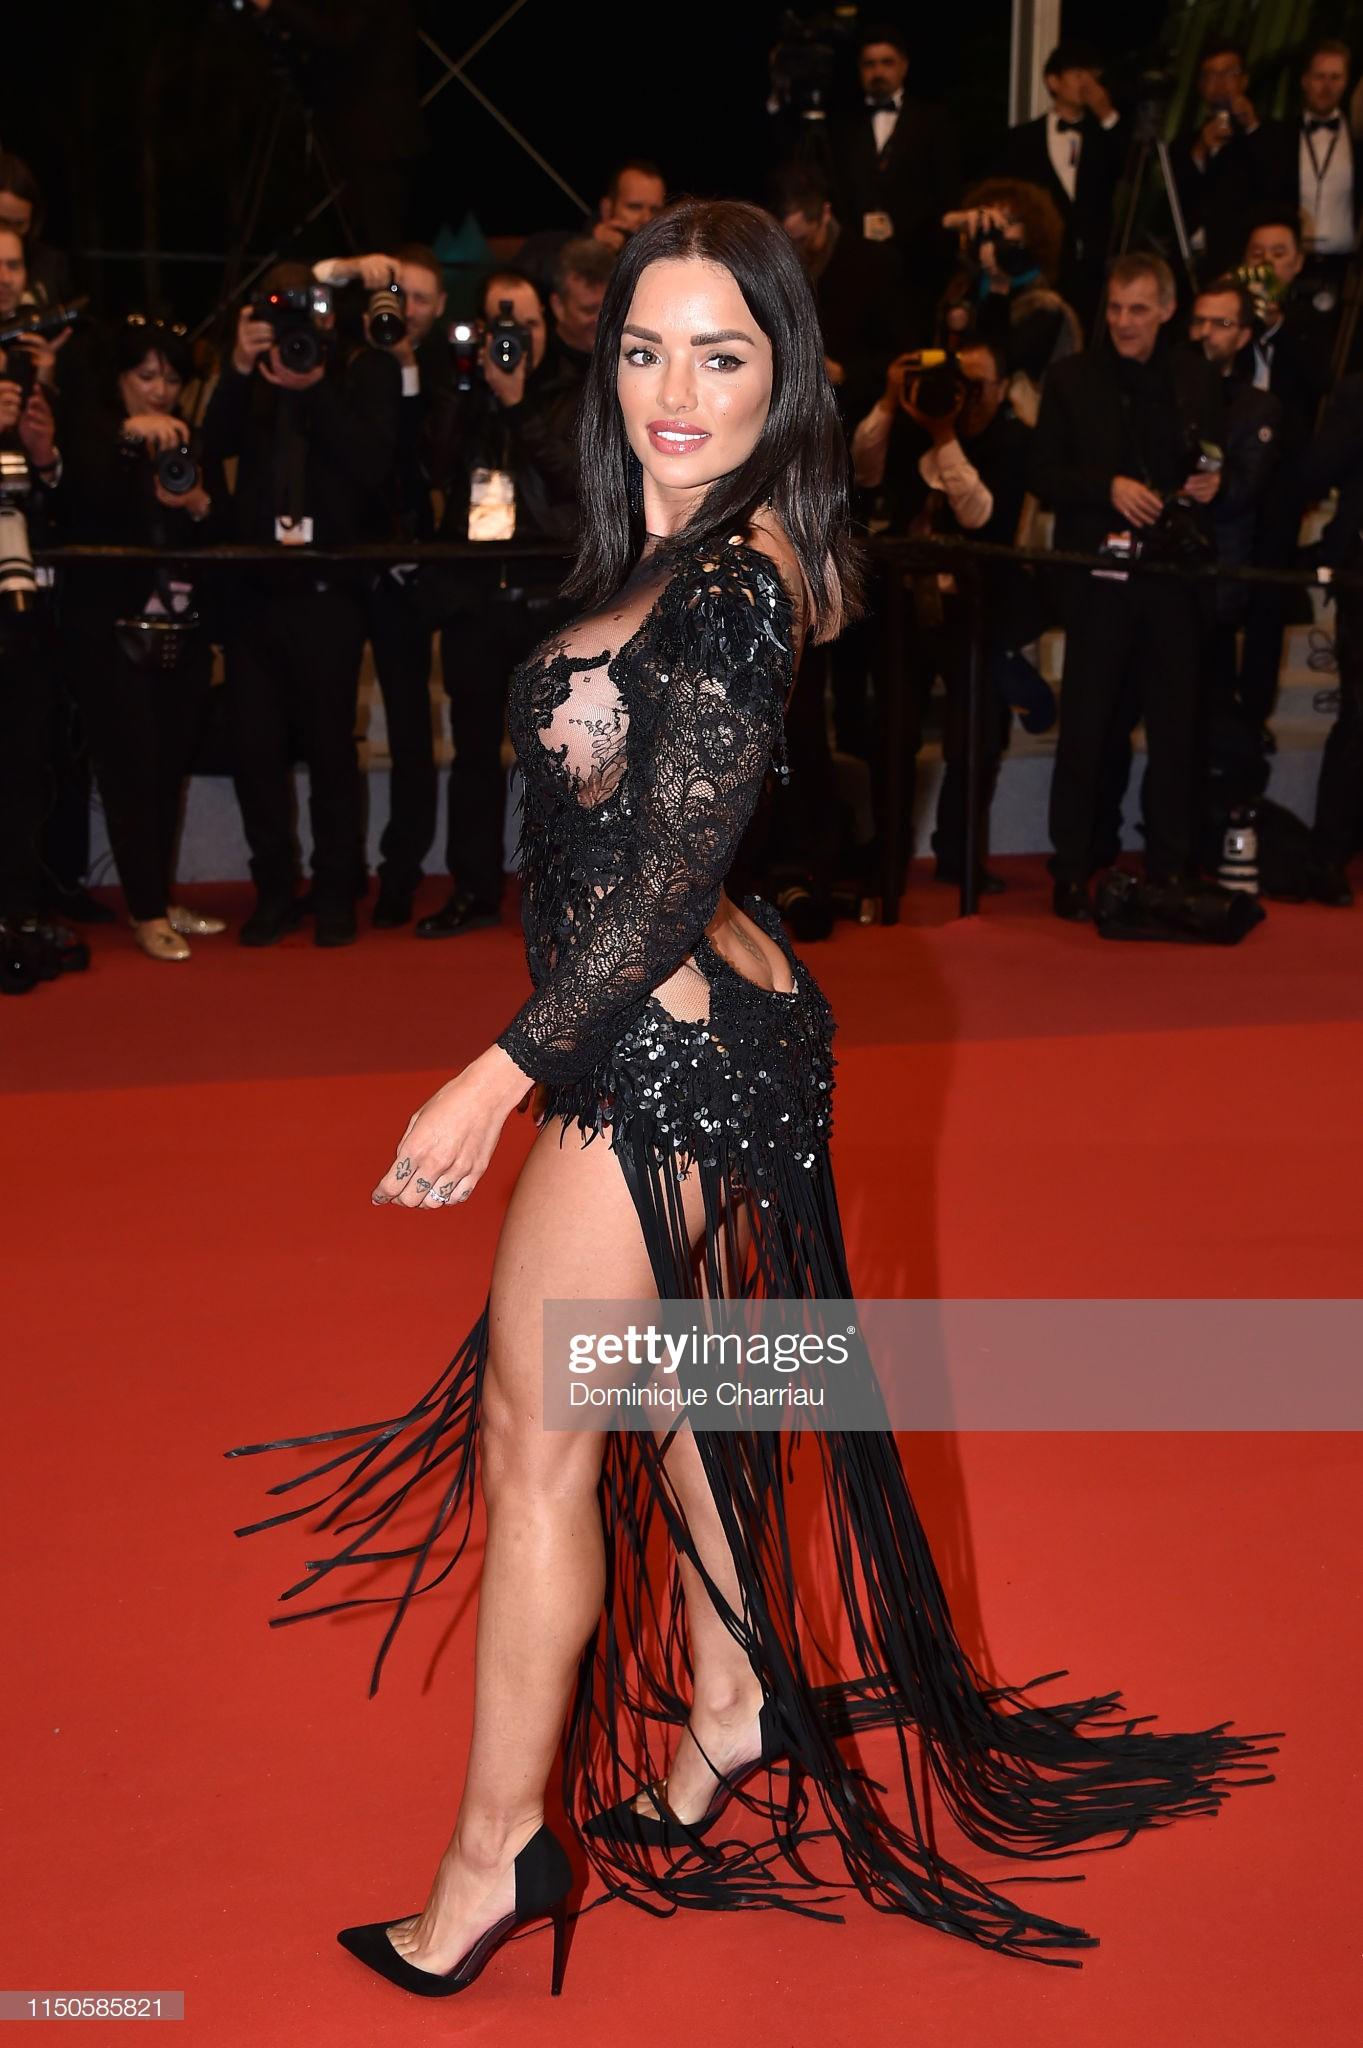 Xuất hiện người đẹp vô danh ăn mặc giống Ngọc Trinh tại Cannes nhưng liệu có đọ được về độ táo bạo, khoe da thịt? - Ảnh 5.